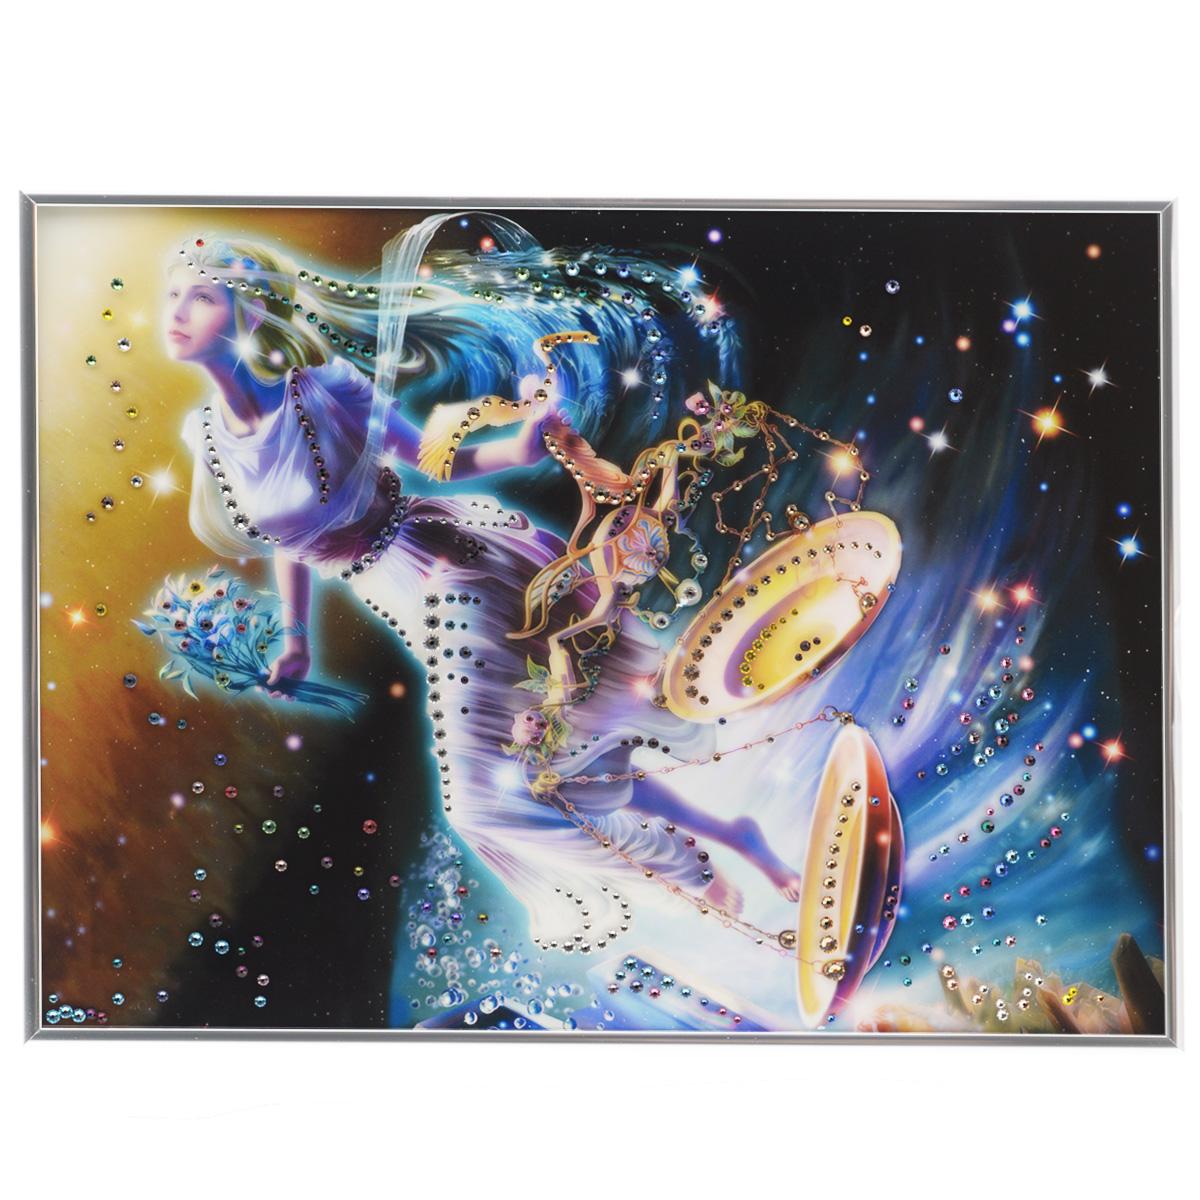 Картина с кристаллами Swarovski Знак зодиака. Весы Кагая, 40 х 30 см853098Изящная картина в металлической раме, инкрустирована кристаллами Swarovski, которые отличаются четкой и ровной огранкой, ярким блеском и чистотой цвета. Красочное изображение знака зодиака - весы Кагая, расположенное под стеклом, прекрасно дополняет блеск кристаллов. С обратной стороны имеется металлическая петелька для размещения картины на стене. Картина с кристаллами Swarovski Знак зодиака. Весы Кагая элегантно украсит интерьер дома или офиса, а также станет прекрасным подарком, который обязательно понравится получателю. Блеск кристаллов в интерьере, что может быть сказочнее и удивительнее. Картина упакована в подарочную картонную коробку синего цвета и комплектуется сертификатом соответствия Swarovski.